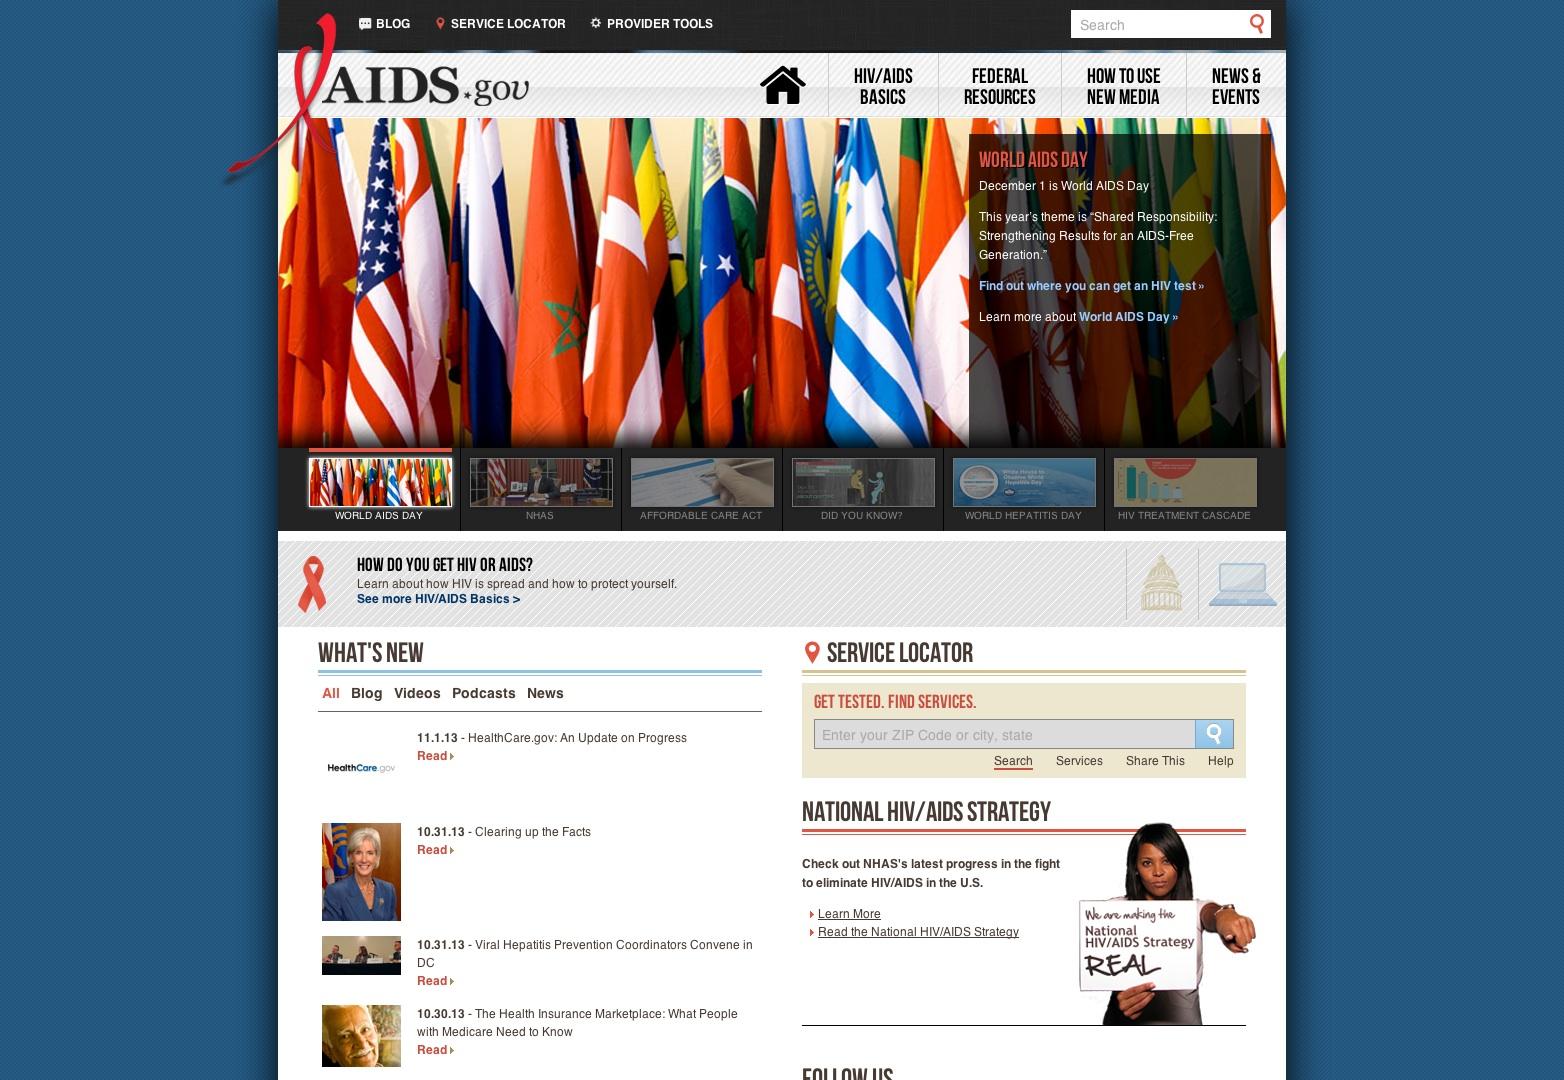 Bienvenido a AIDS.gov